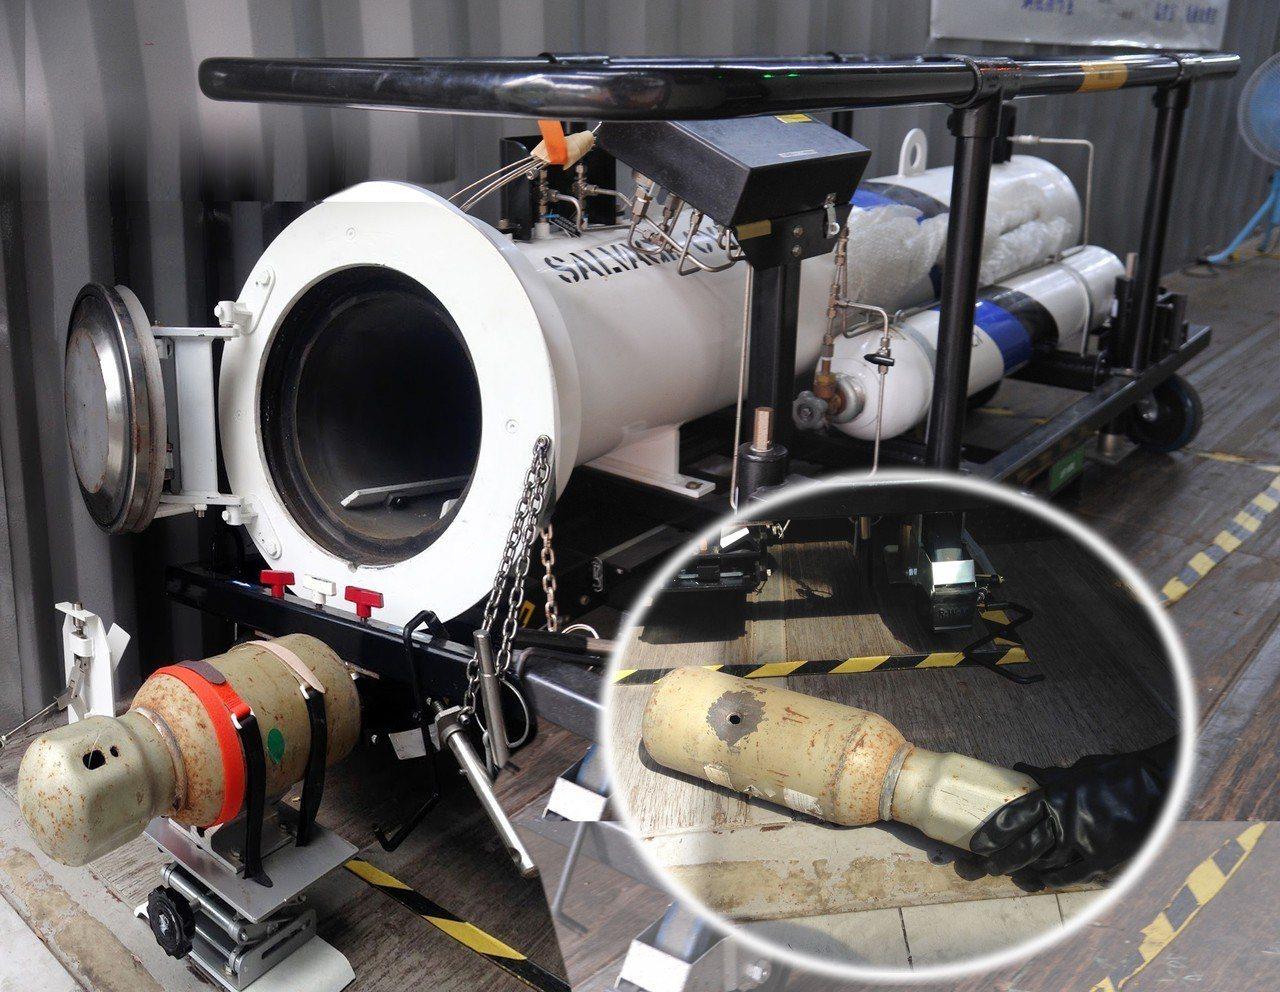 老舊鋼瓶被放進填充惰性氣體的密閉艙體內,避免擊穿時產生火花、燃燒爆炸。圖/清大提...